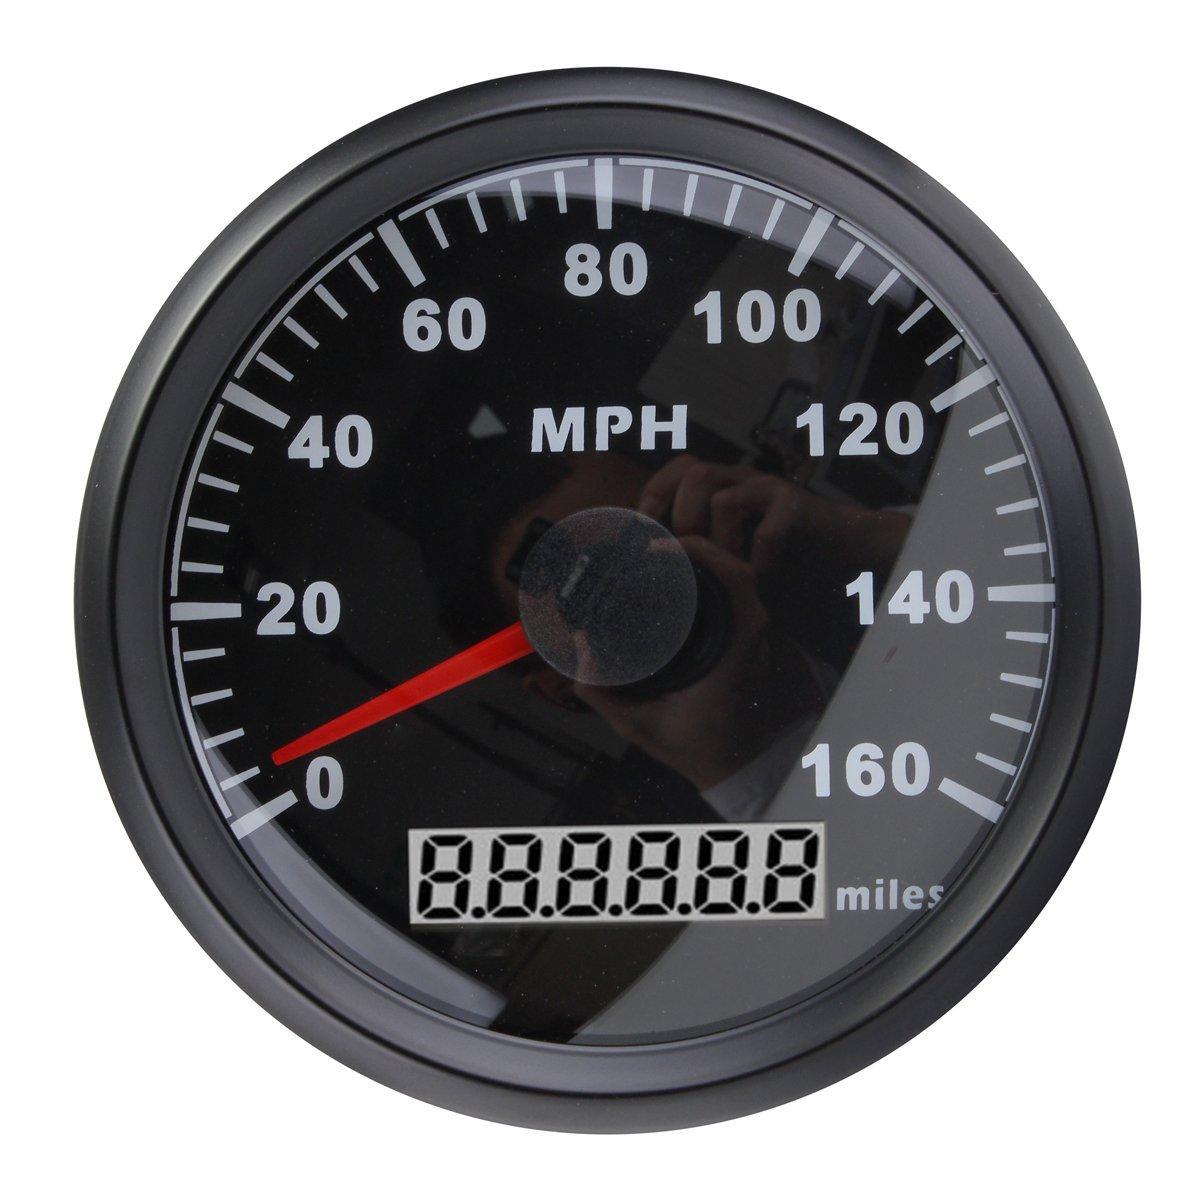 85MM svart rostfritt stål GPS hastighetsmätare 0-160MPH för bil lastbil motorcykel